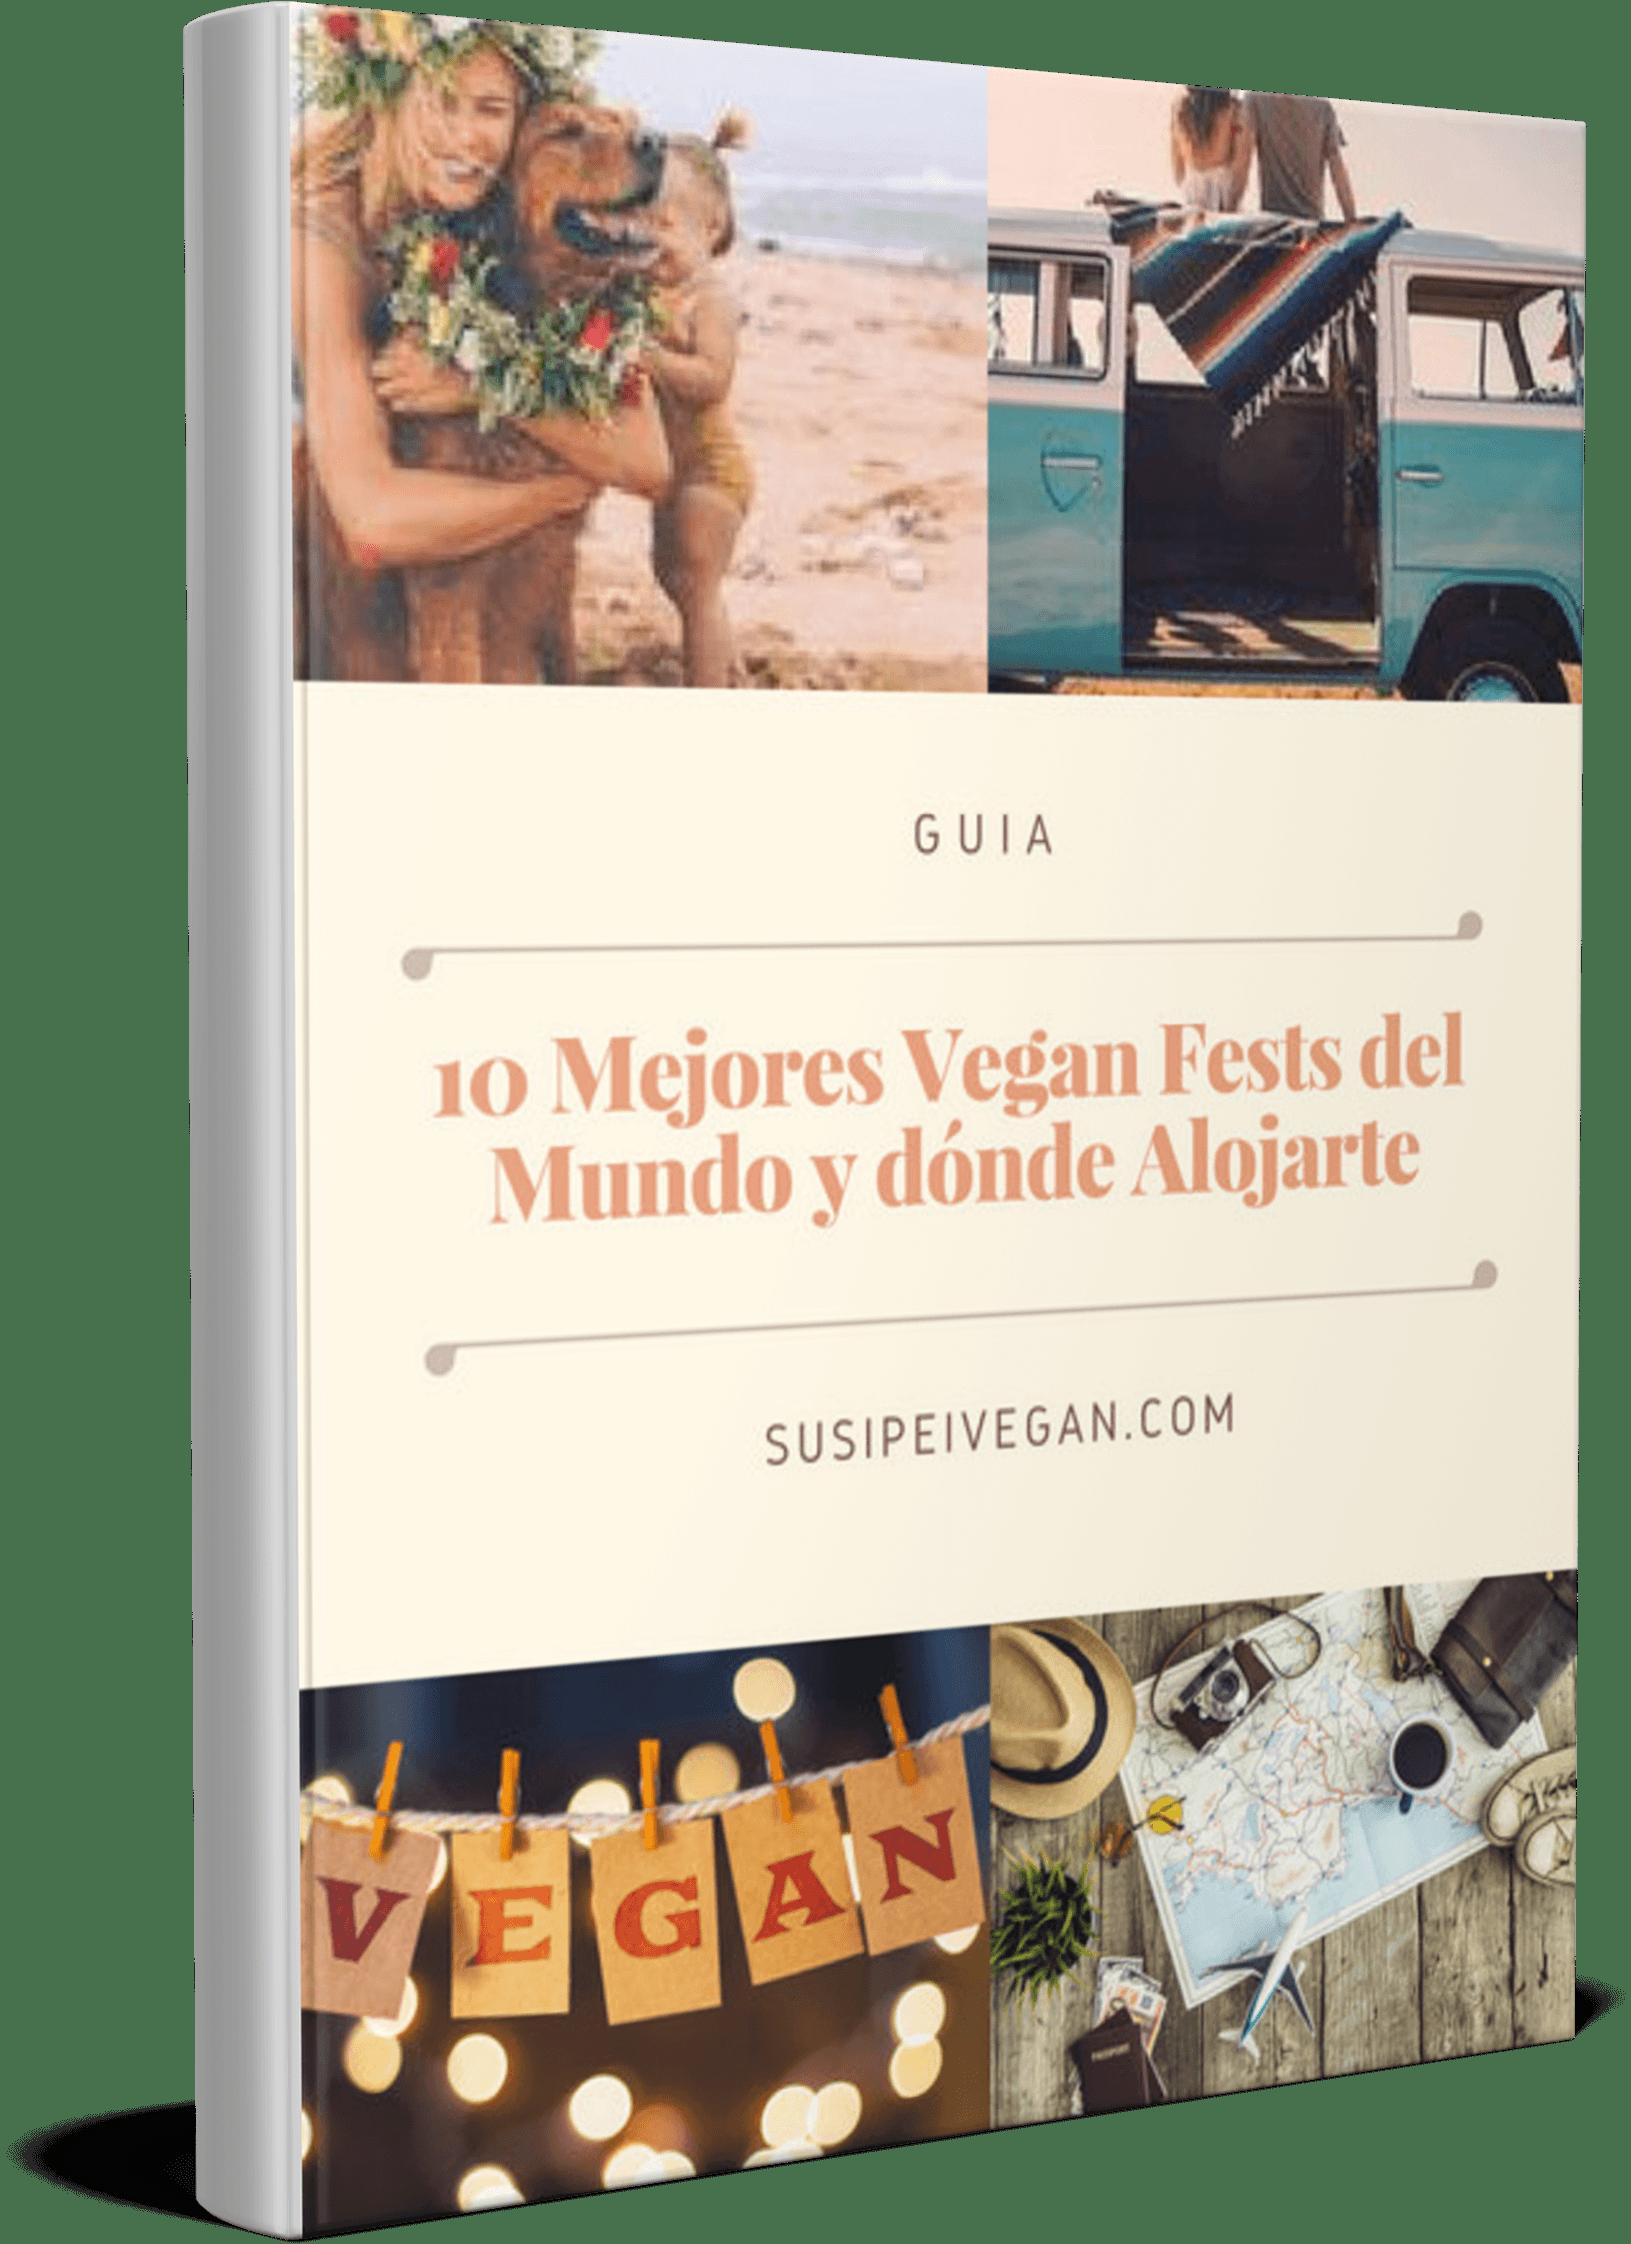 Guía 10 mejores Festivales Veganos del Mundo y Dónde Alojarse